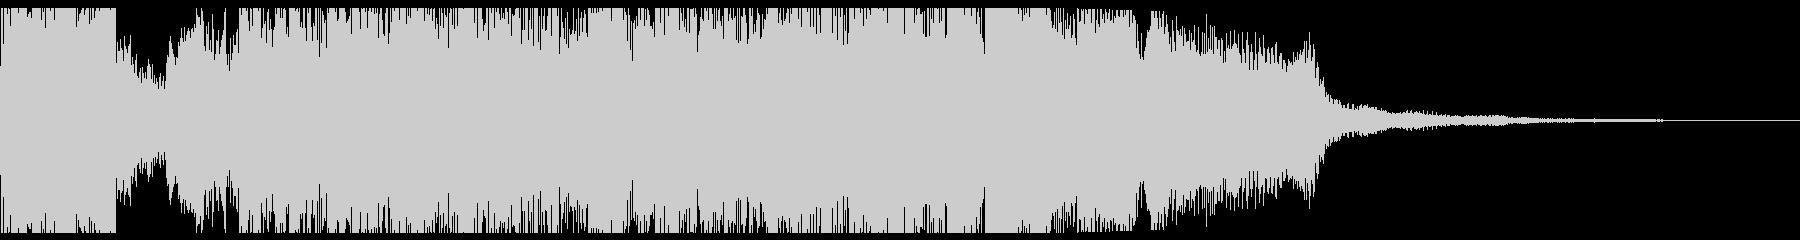 RPG戦闘勝利オーケストラファンファーレの未再生の波形